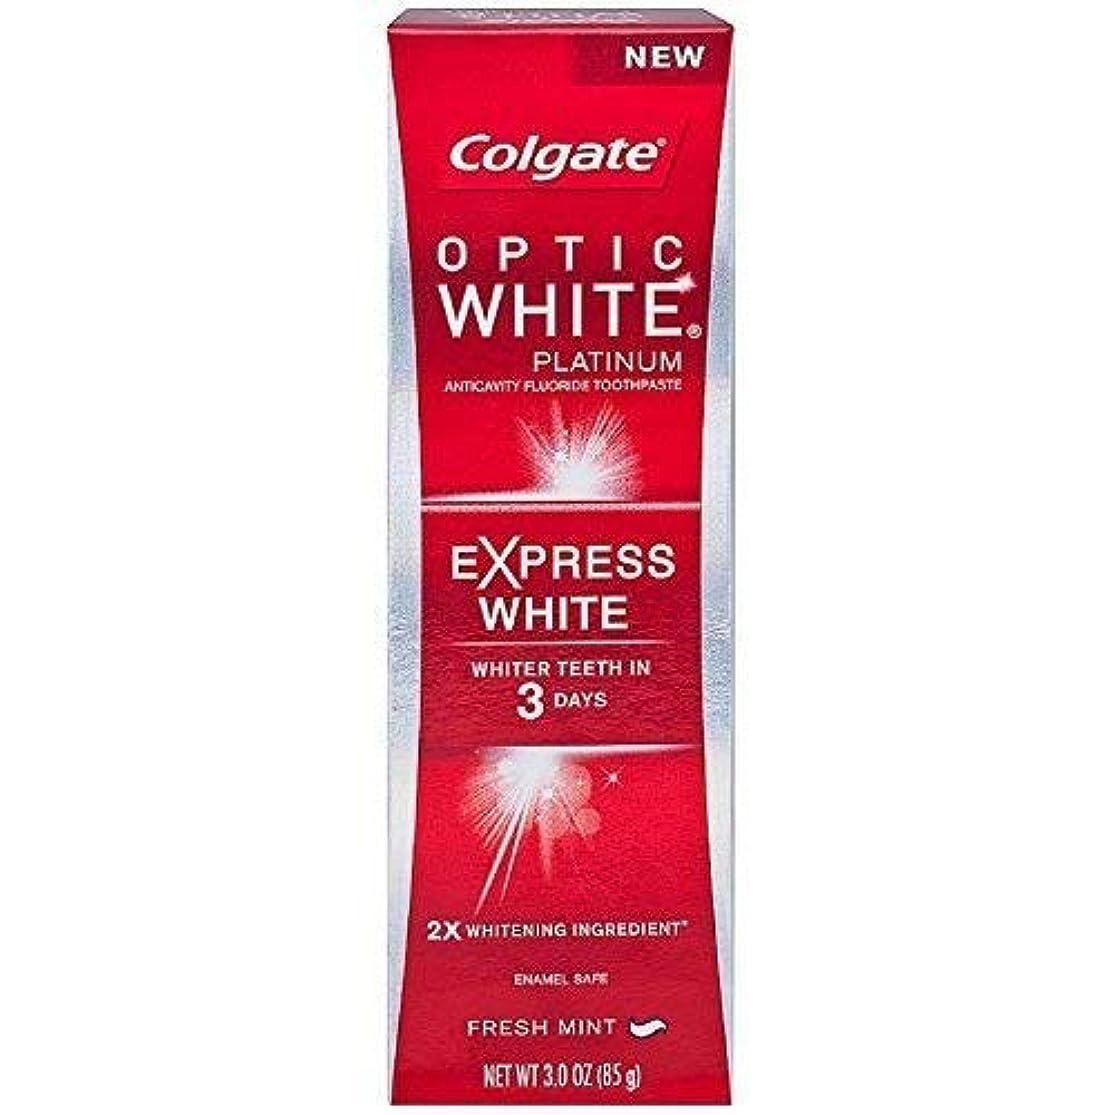 Colgate オプティックホワイトプラチナエクスプレス白の歯磨き粉、フレッシュミント3オズ(5パック)